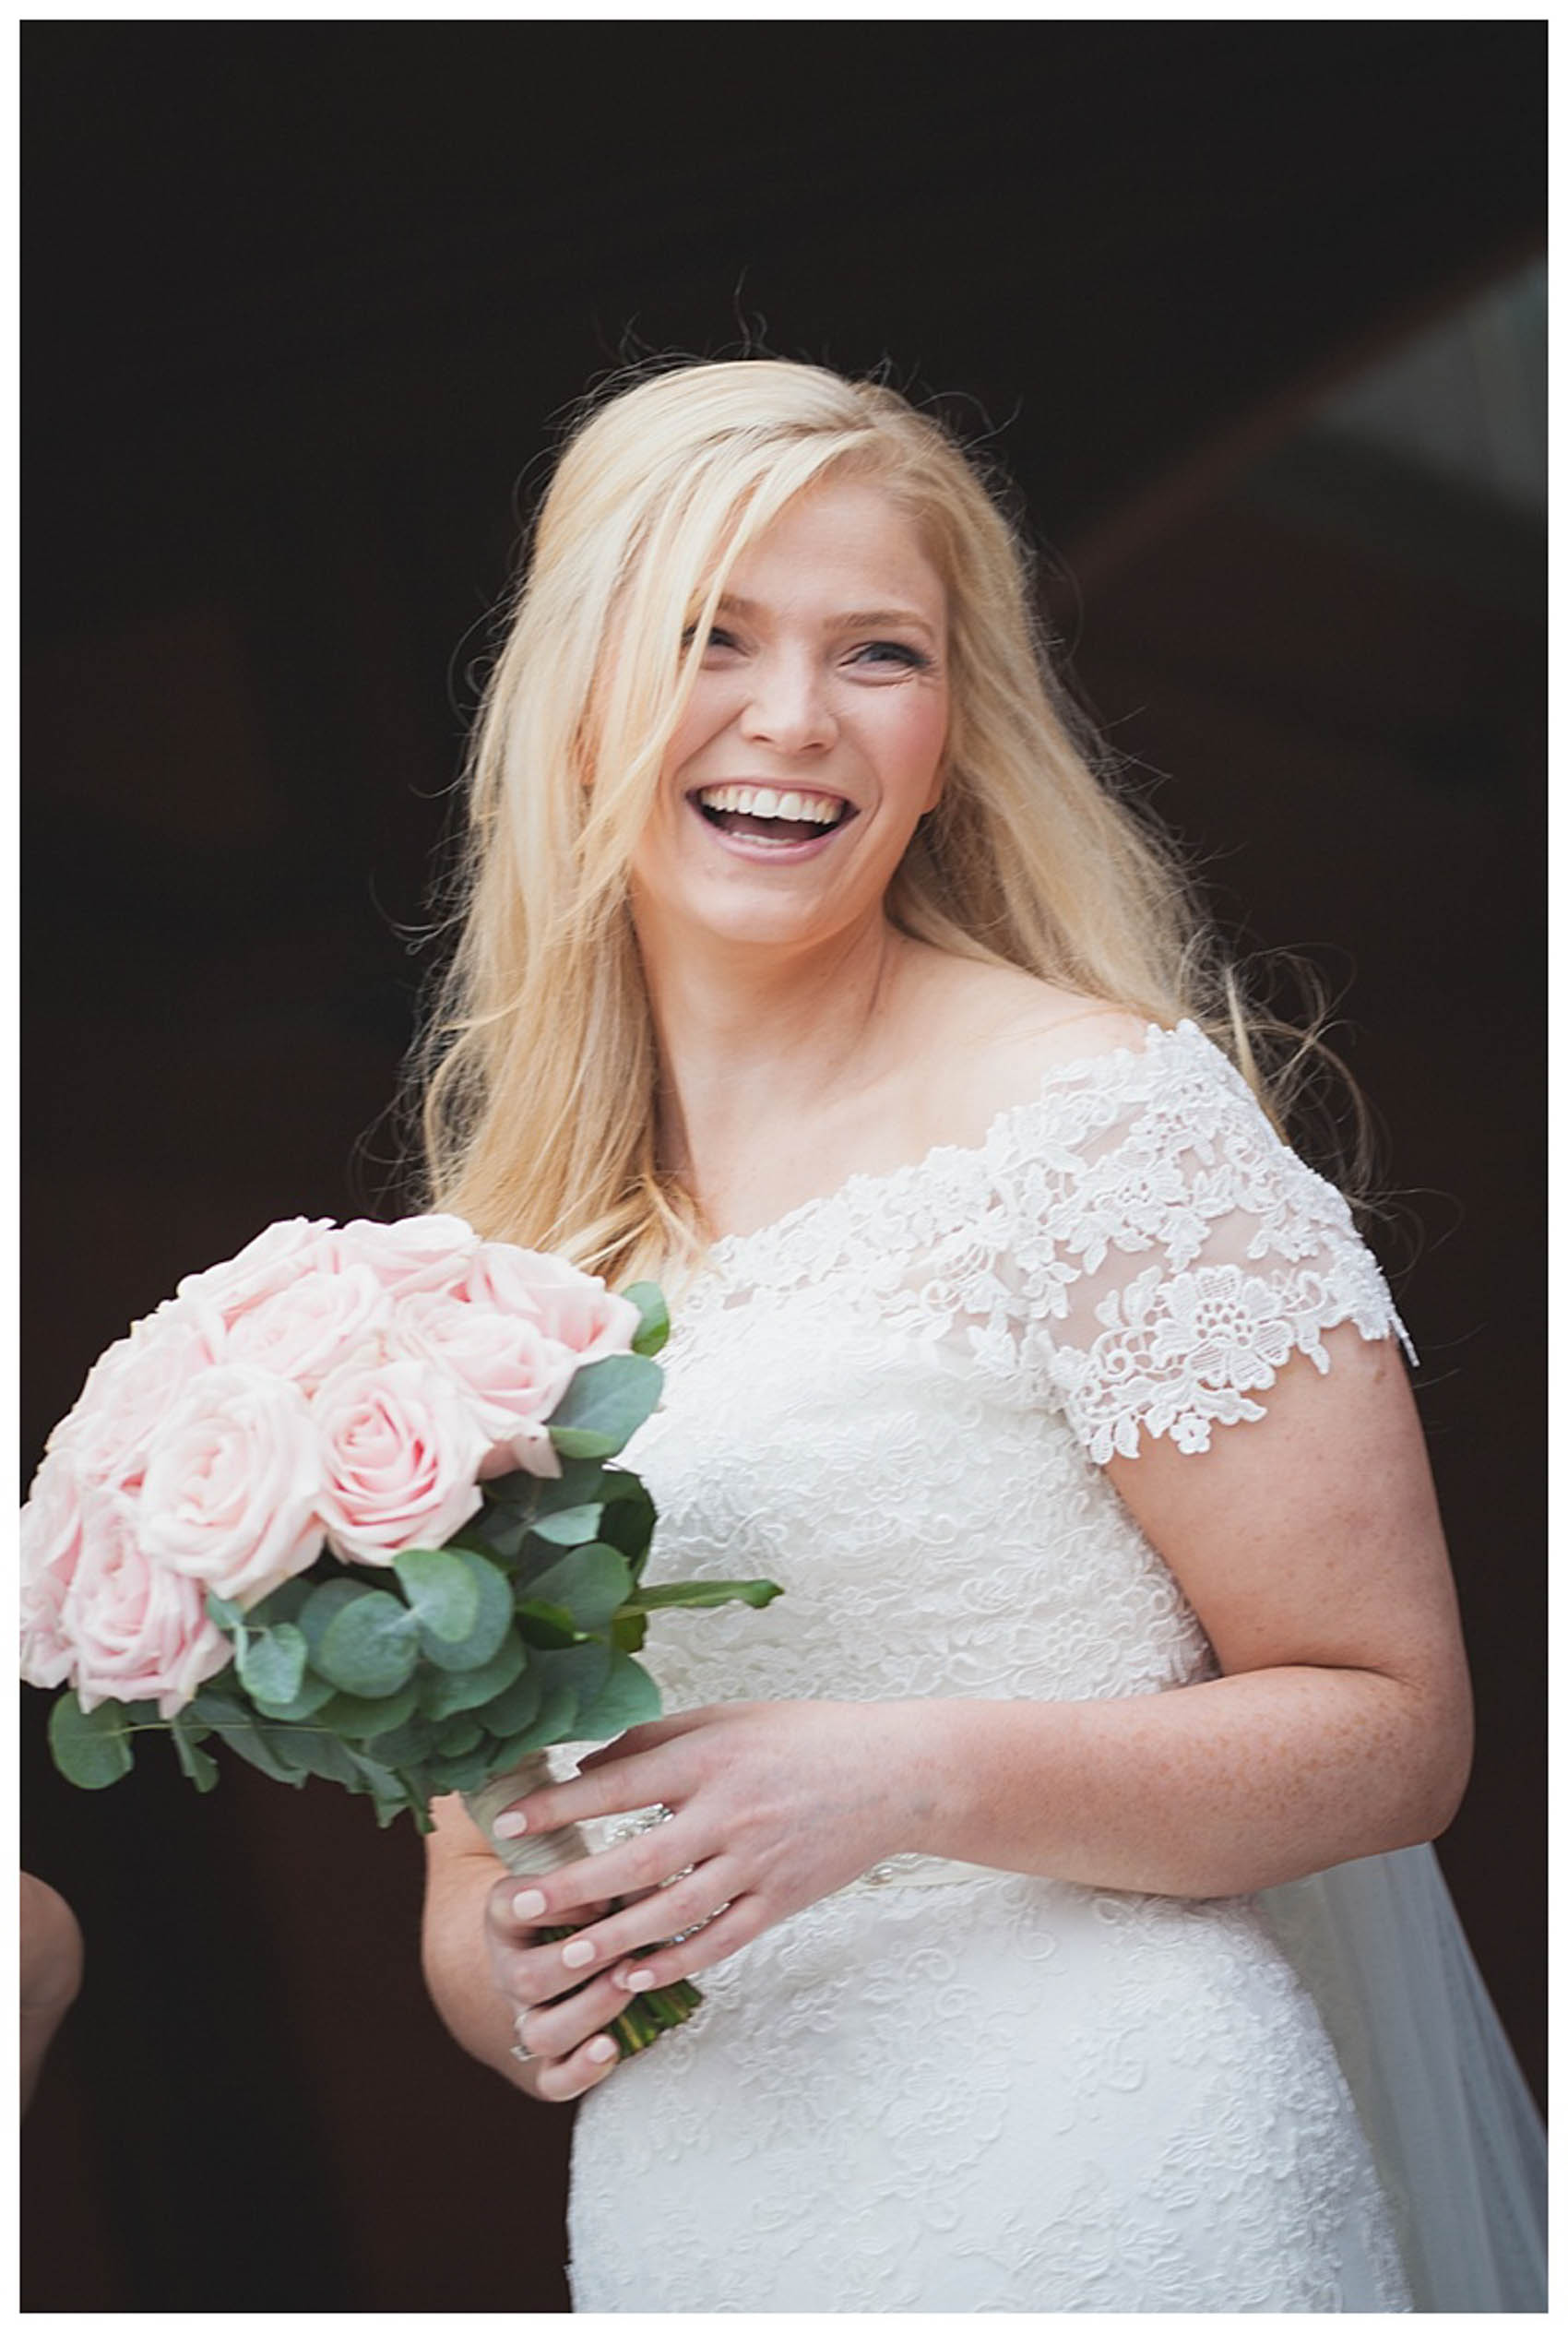 Larchfield Estate Wedding Photography by Ricky Parker Photography 29